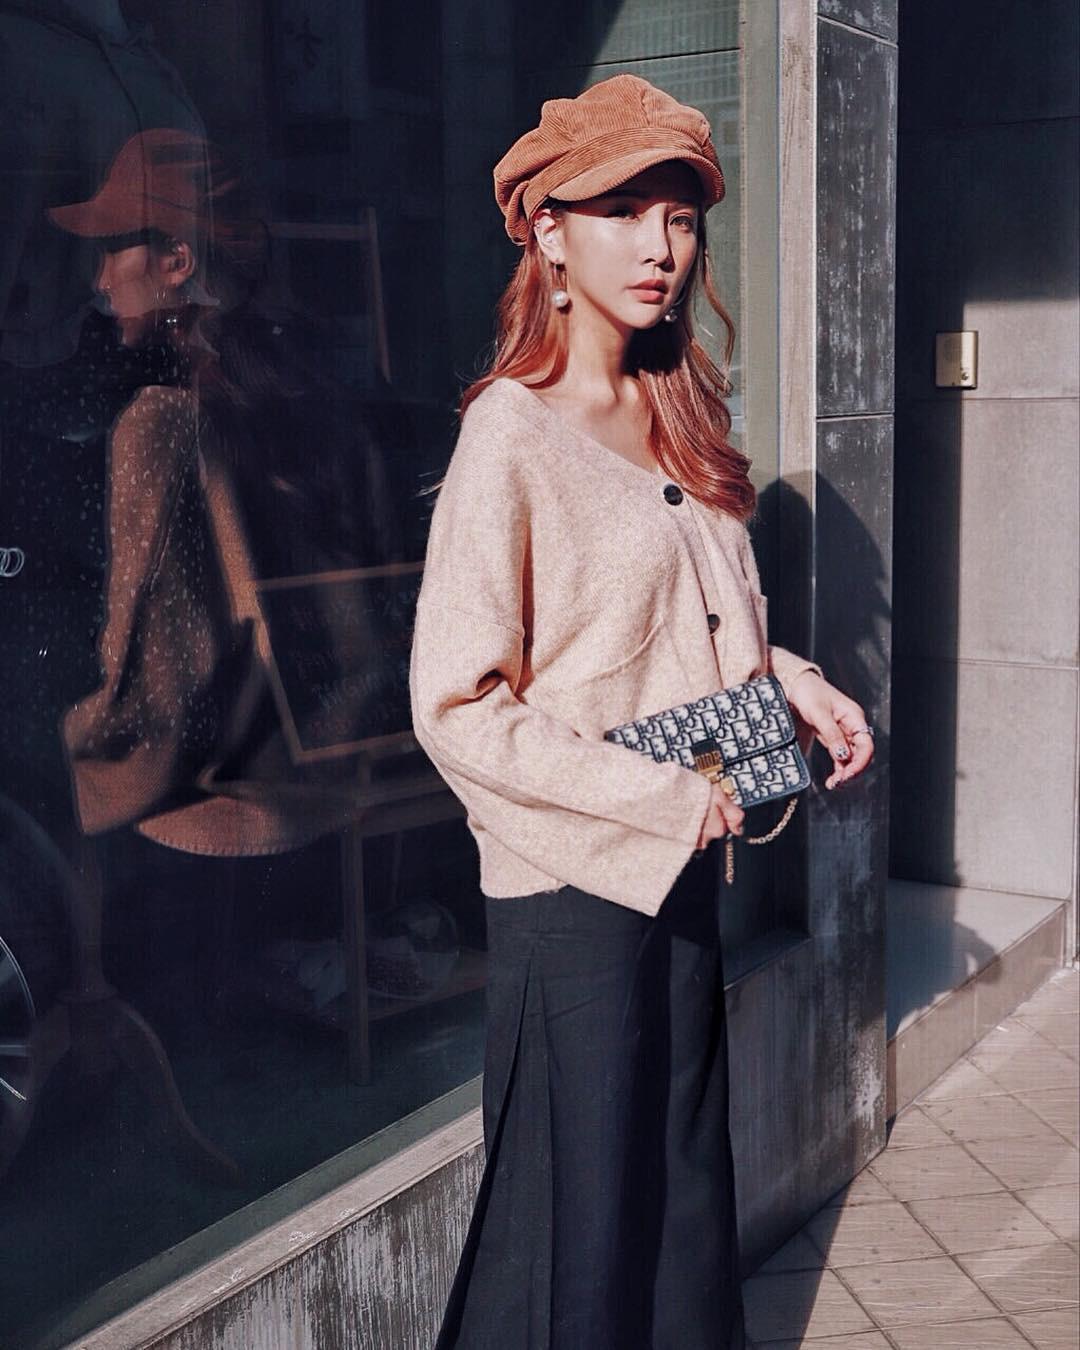 4 mẫu áo cardigan điệu nhất mùa lạnh mà nàng nào diện lên cũng dịu dàng, nữ tính hơn hẳn - 5